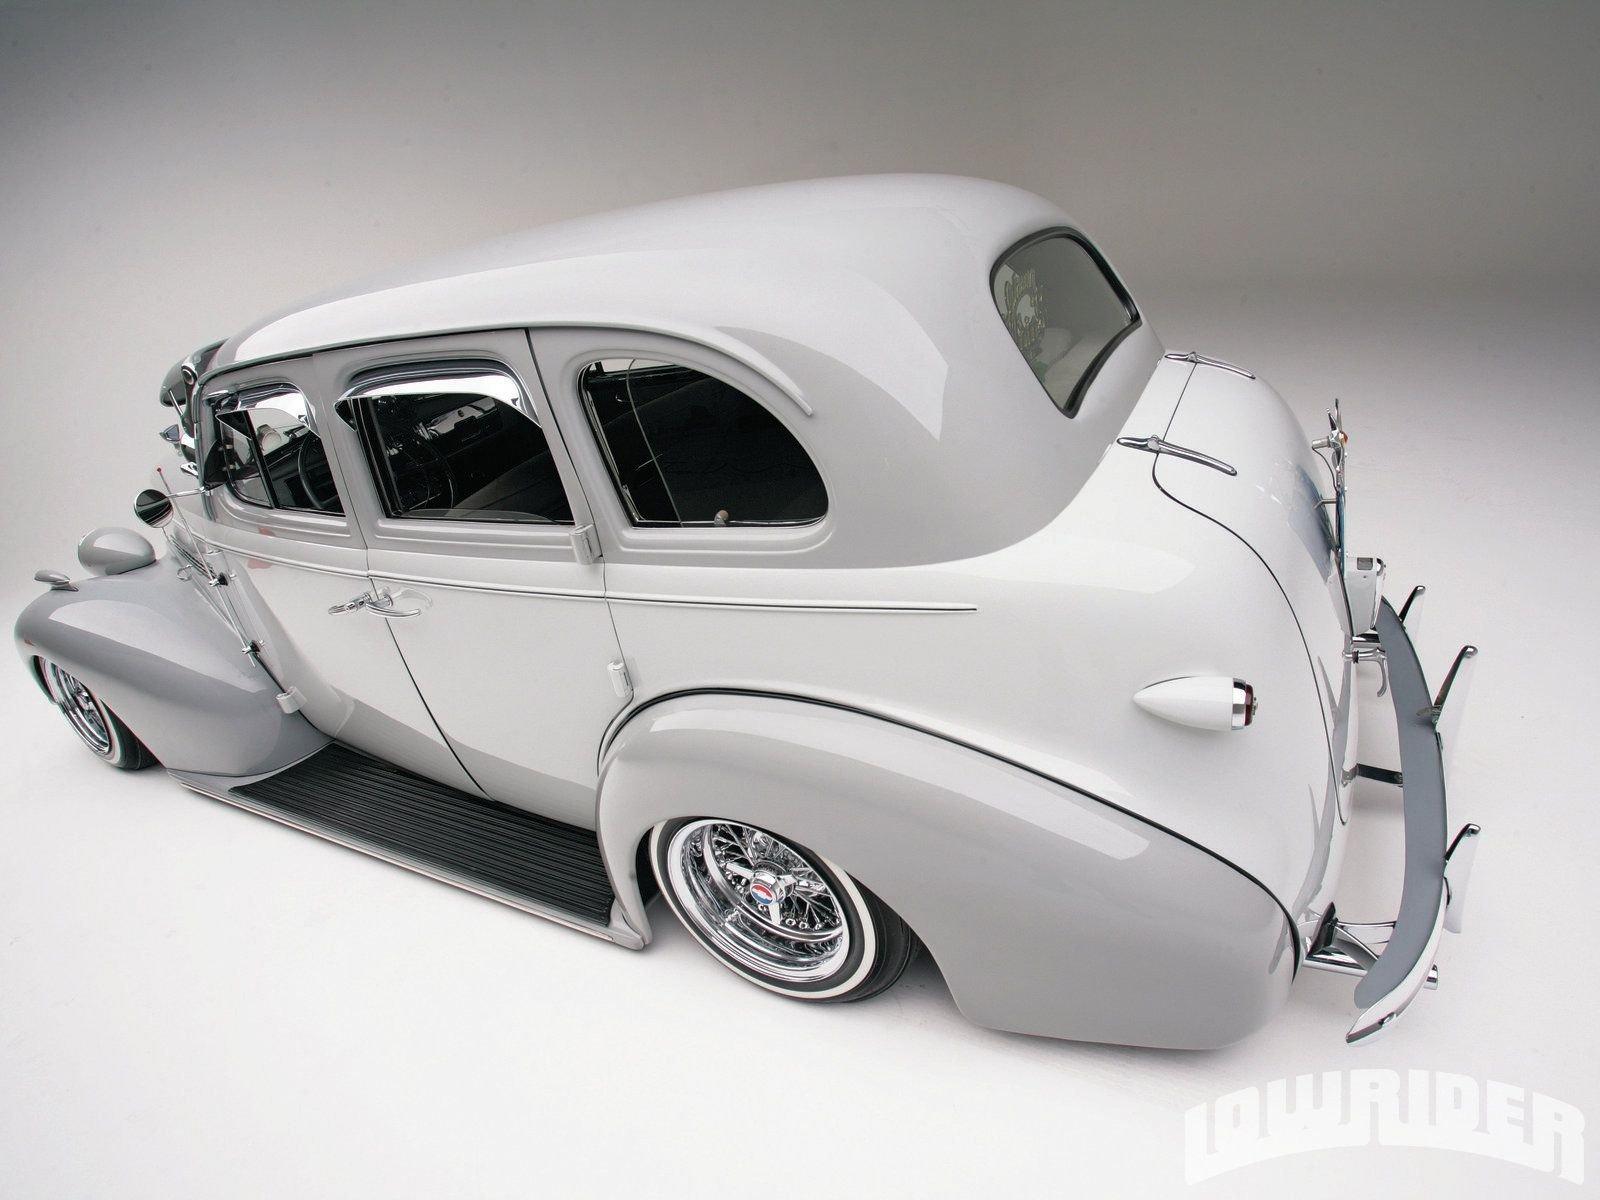 1939 chevrolet master deluxe sedan 4 door custom low for 1939 chevrolet master deluxe 4 door sedan